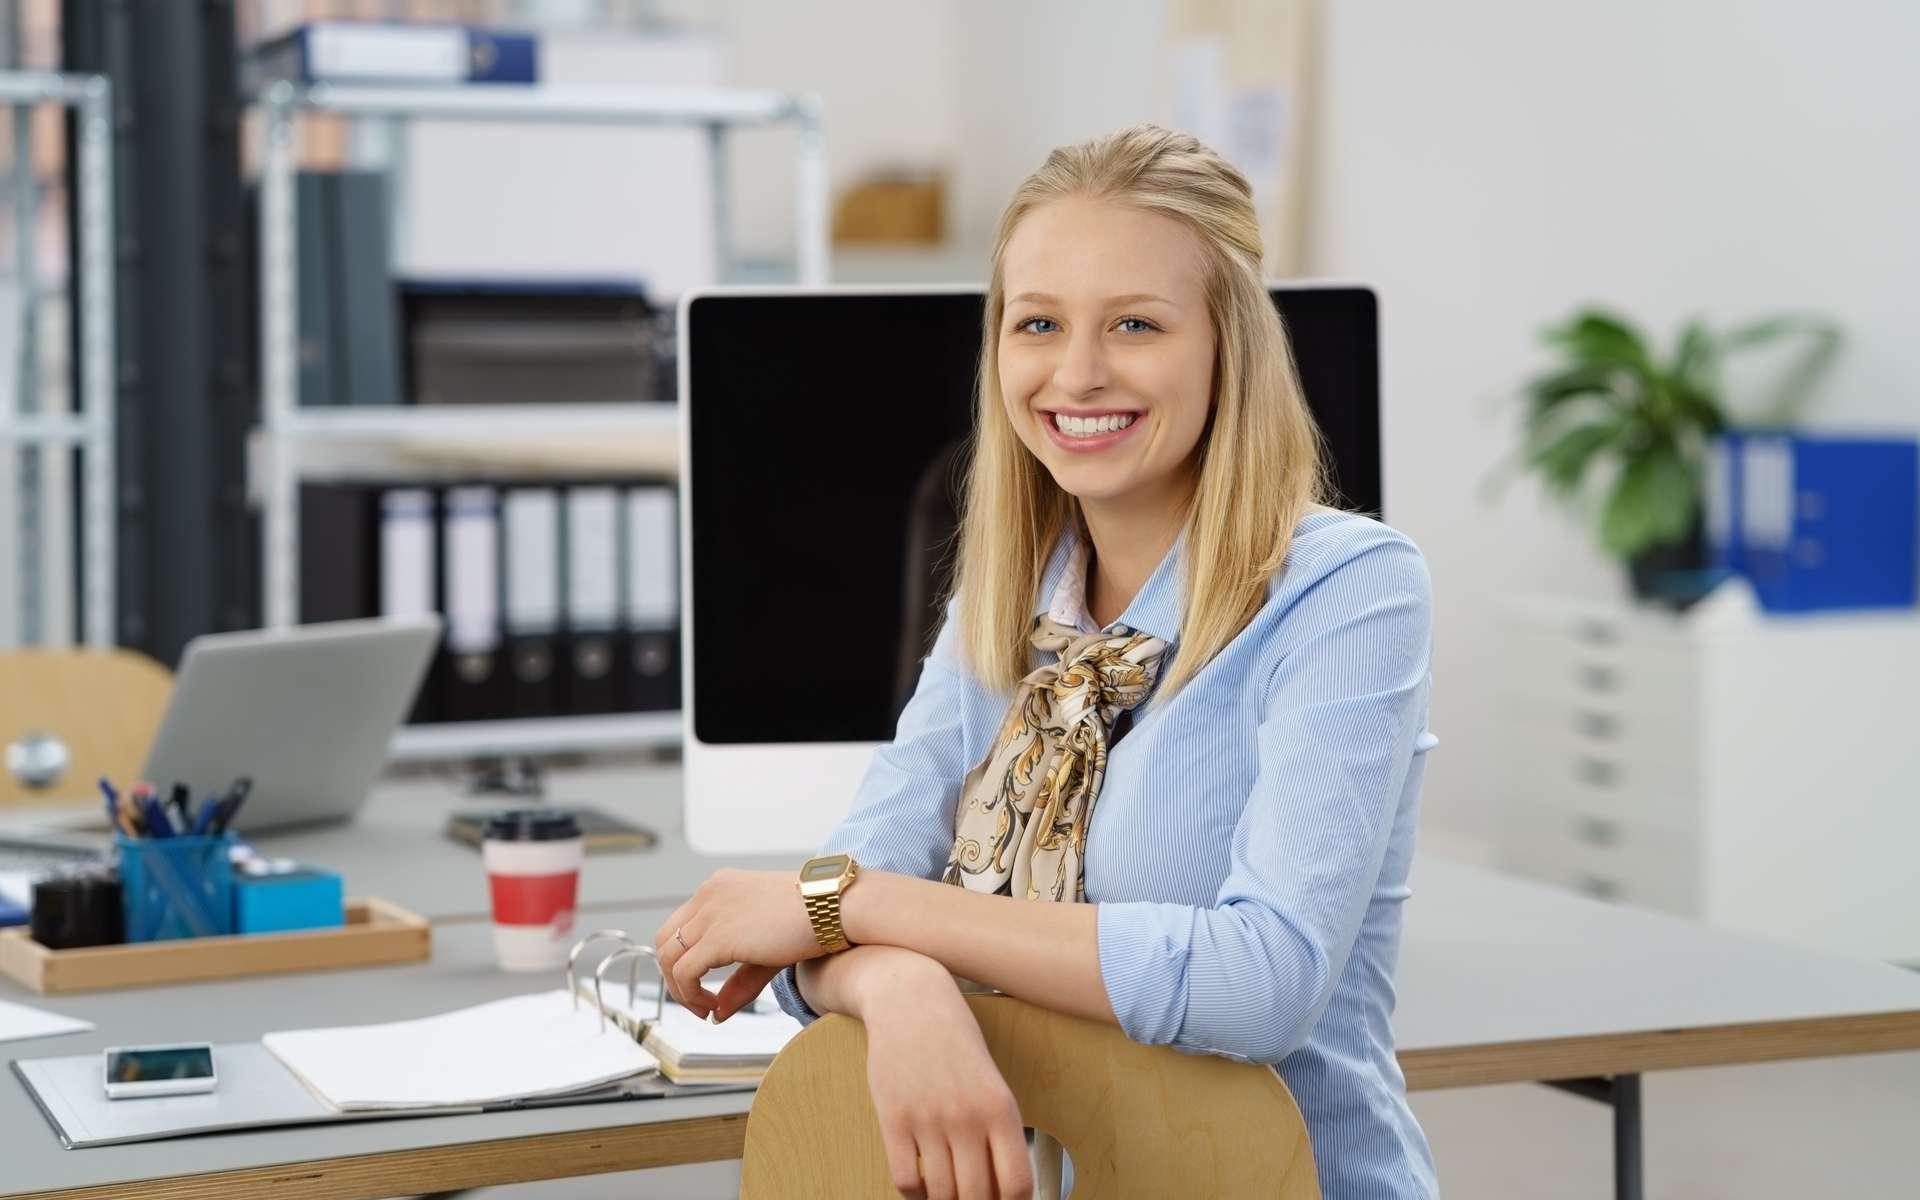 Considérés comme des salariés à part entière, les apprentis en alternance acquièrent une véritable expérience professionnelle. © contrastwerkstatt, Adobe Stock.